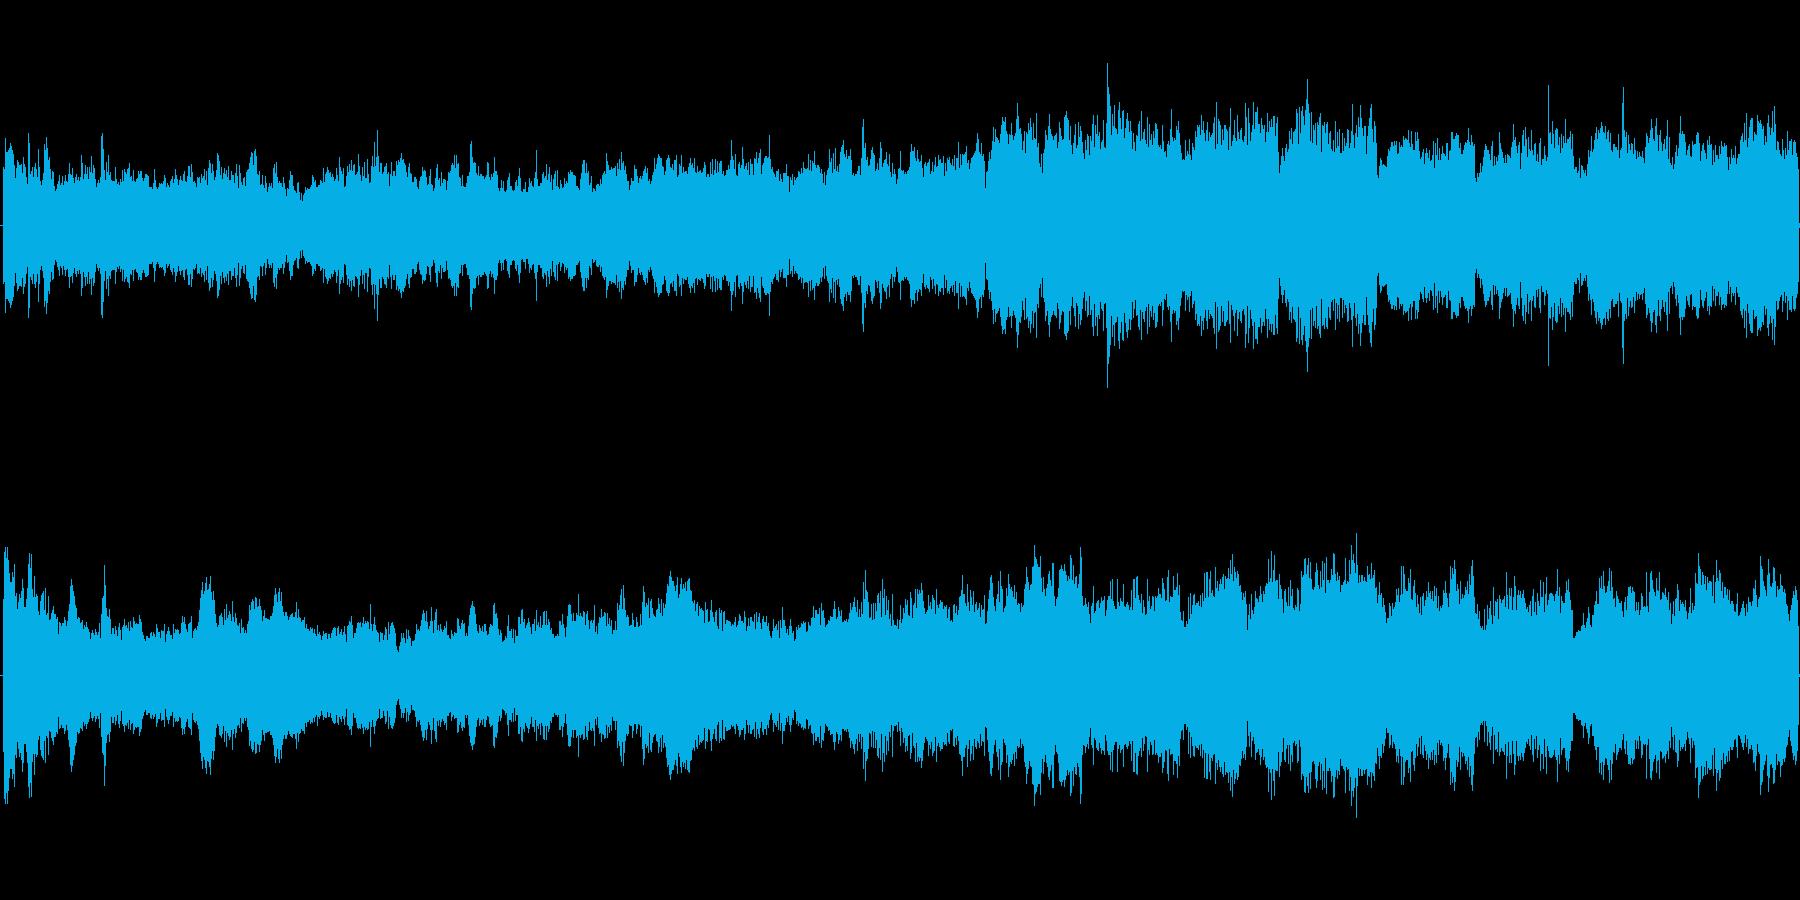 オーケストラオープニングファンタジーの再生済みの波形